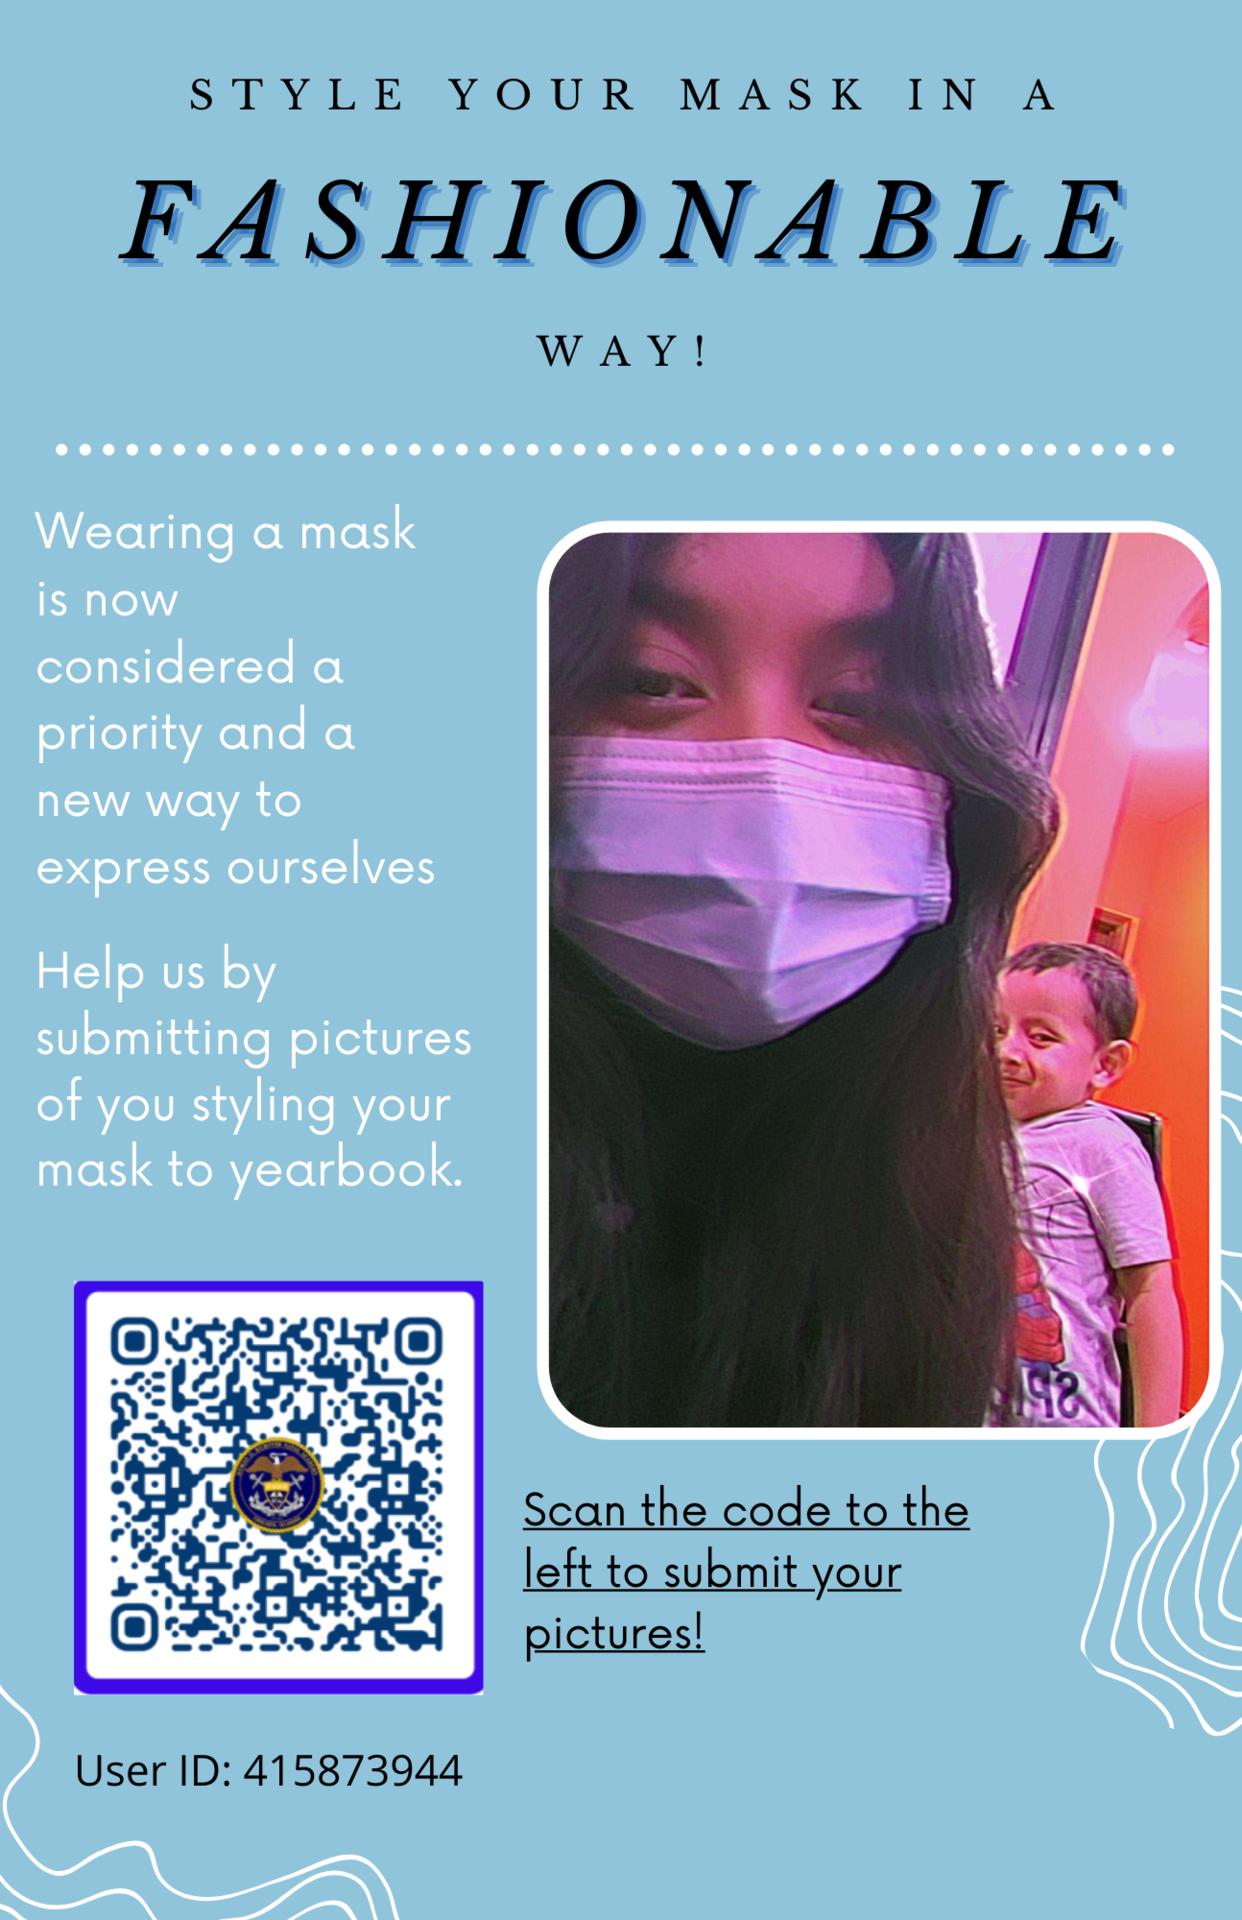 Fashion Mask Photo Submission